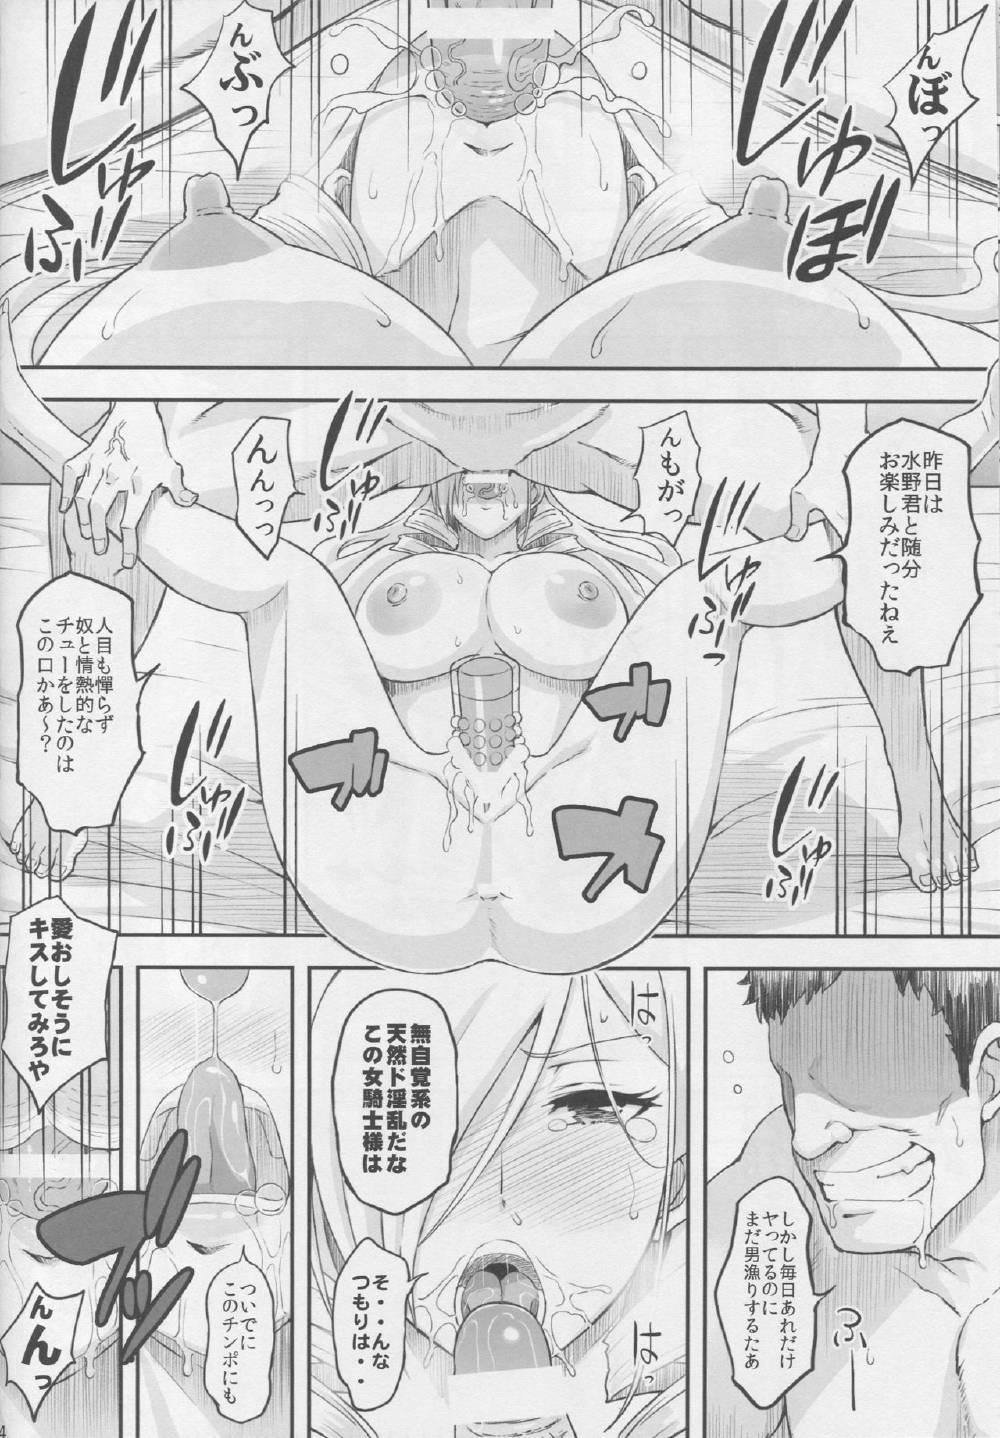 【エロ漫画】寝取られ生徒会長さん、結局最後は気持ちいいほうのチンポを選んでしまう淫乱女だったwwwしっかり孕まされてボテ腹晒すしてるやんwww